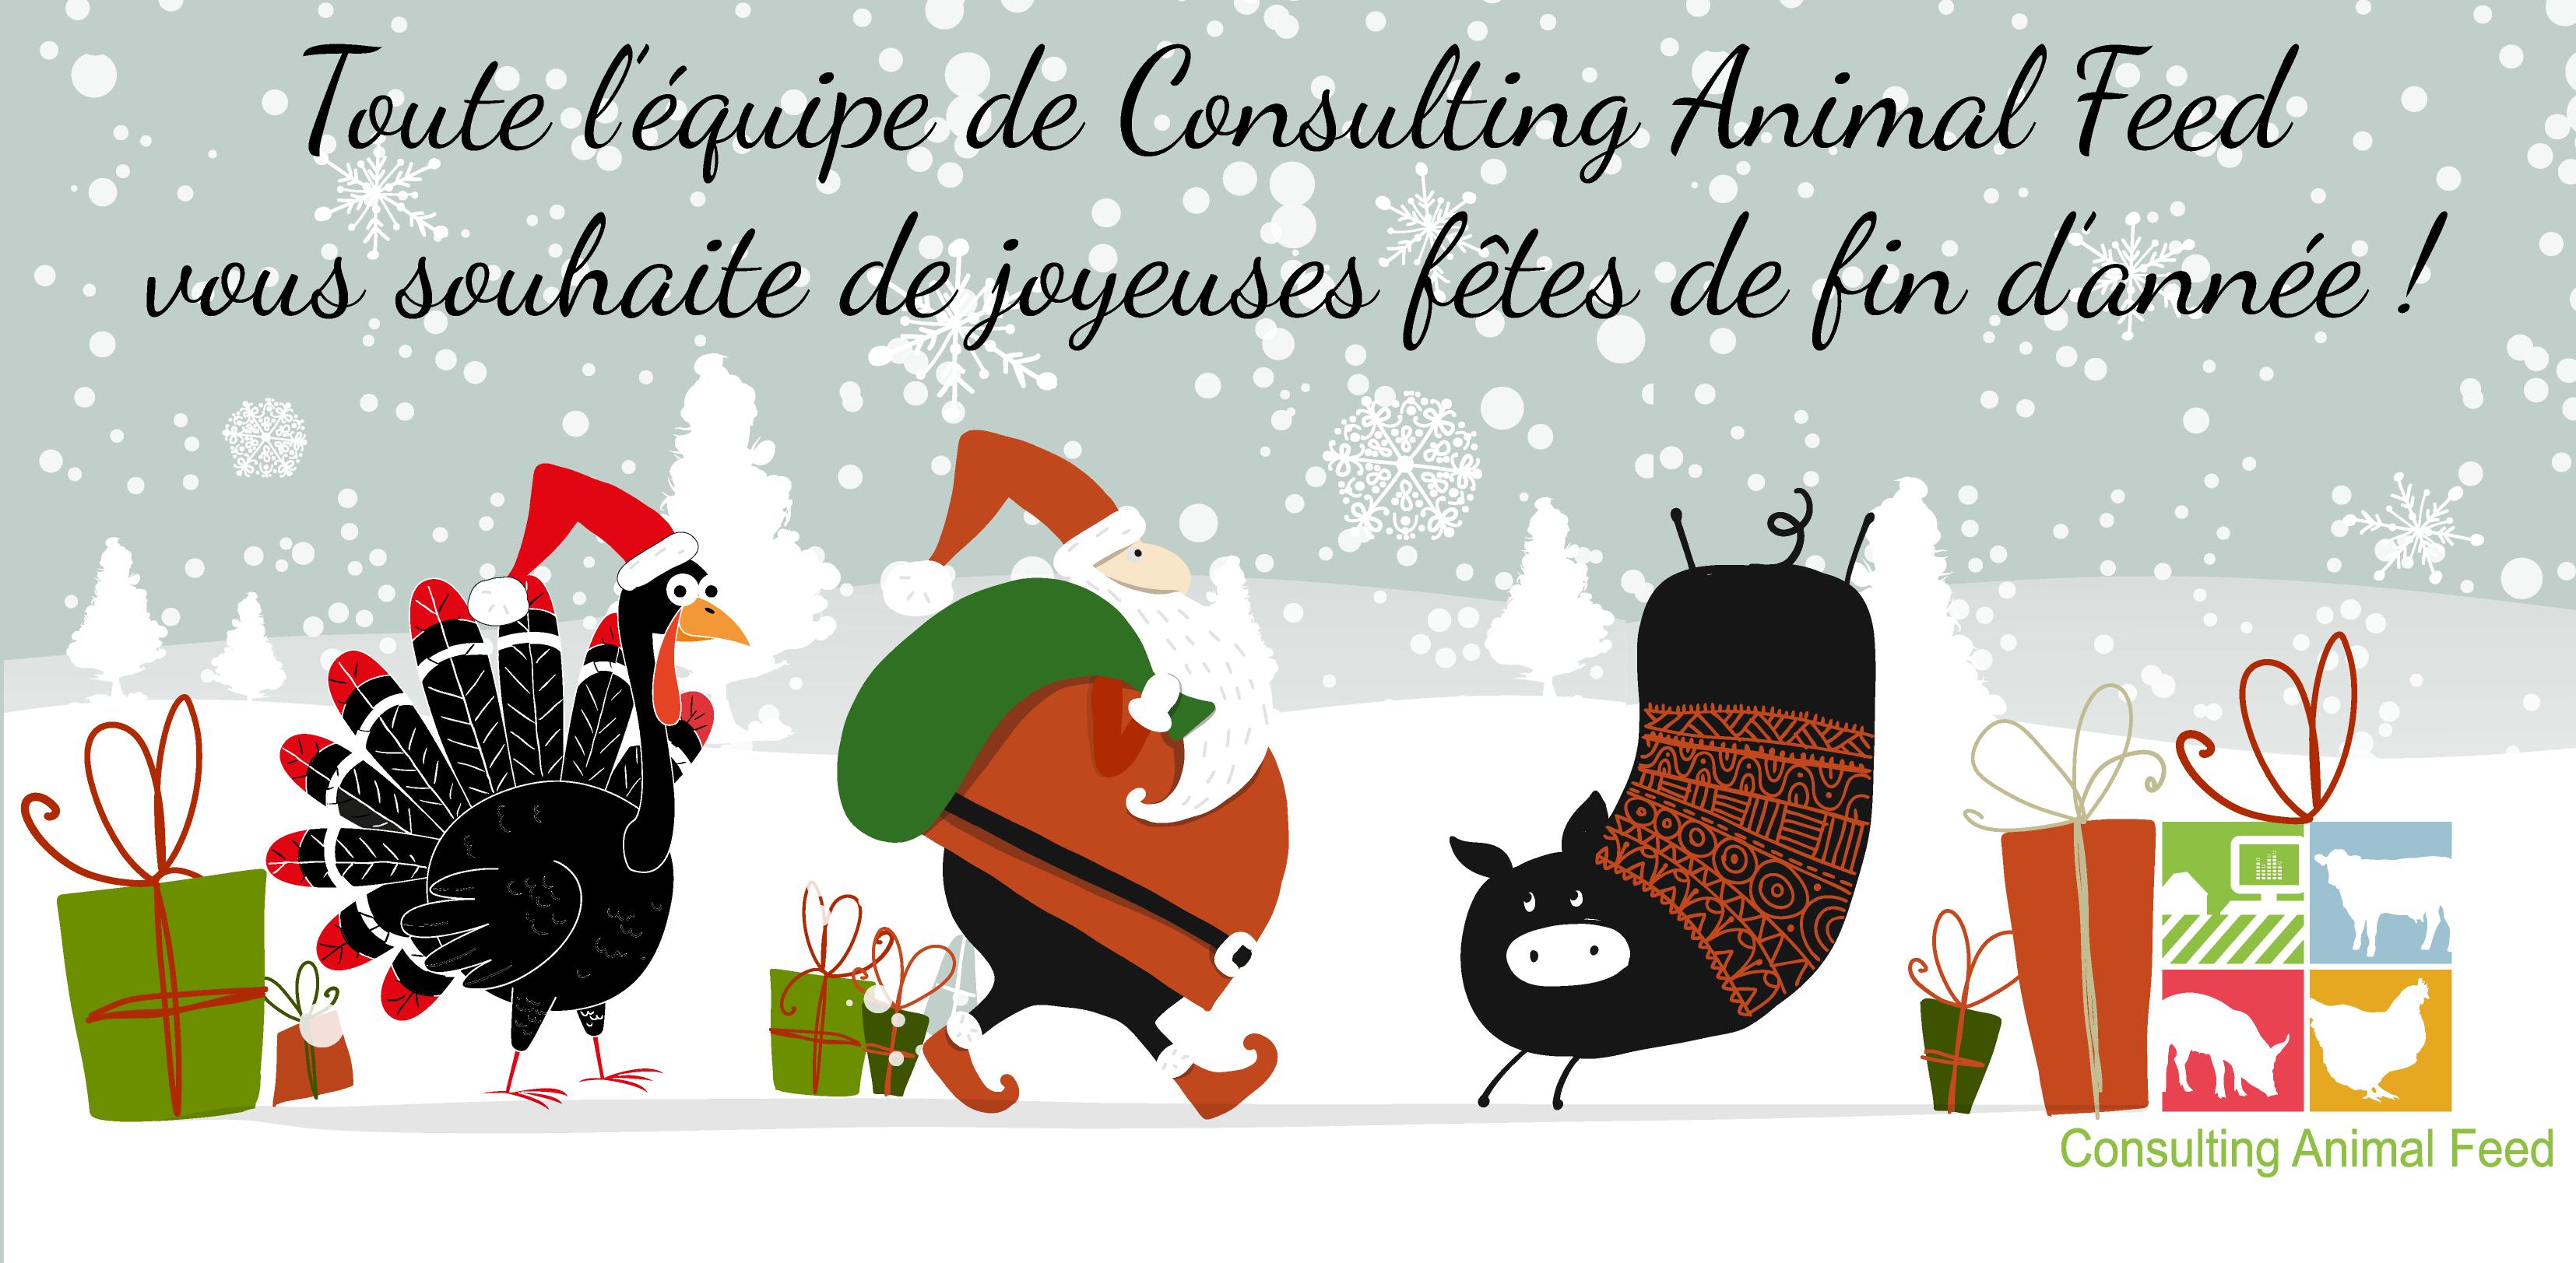 Consulting Animal Feed vous souhaite de belles fêtes !